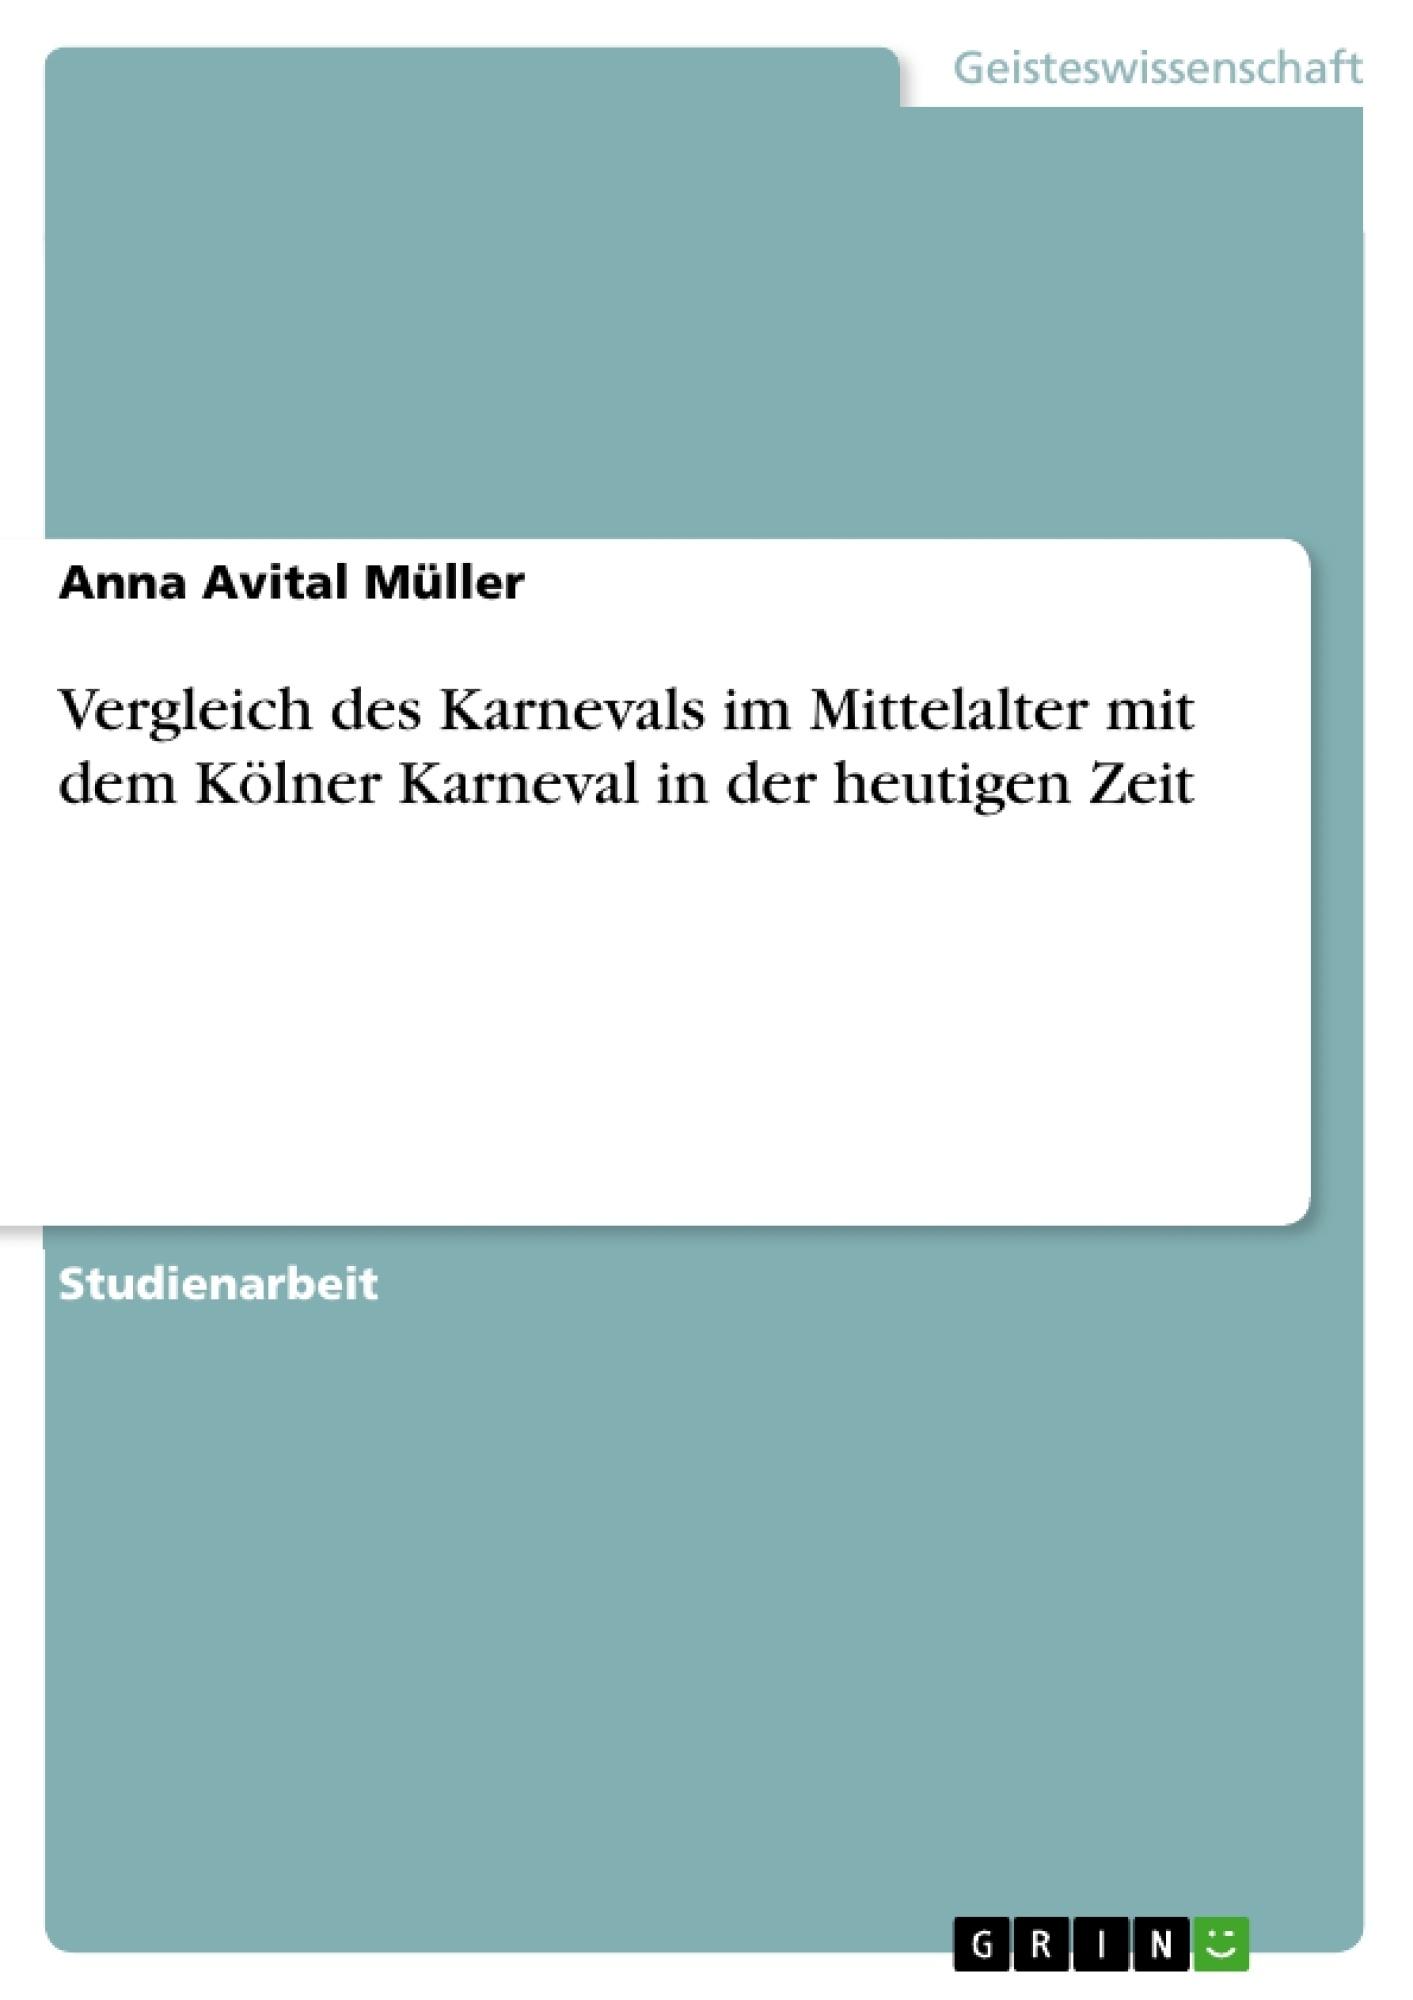 Titel: Vergleich des Karnevals im Mittelalter mit dem Kölner Karneval in der heutigen Zeit